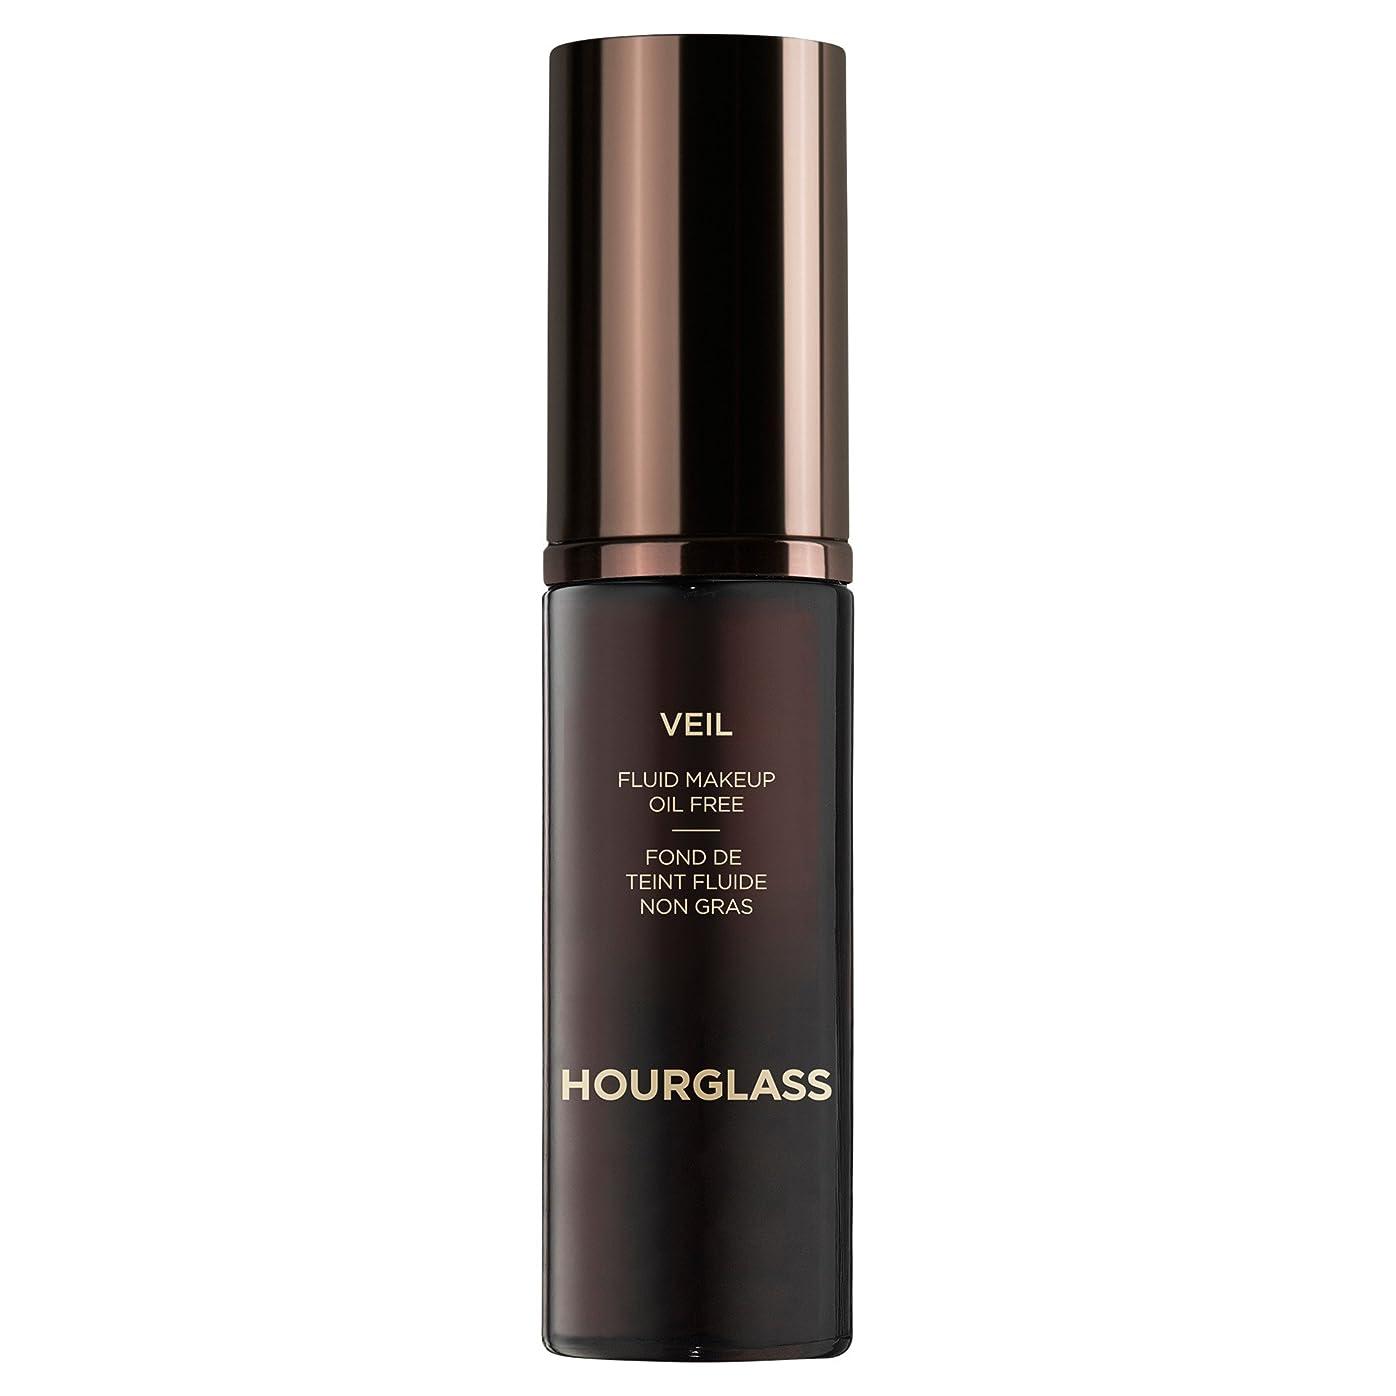 浴準備ができて抽出流体化粧アイボリーベール砂時計 (Hourglass) (x6) - Hourglass Veil Fluid Makeup Ivory (Pack of 6) [並行輸入品]